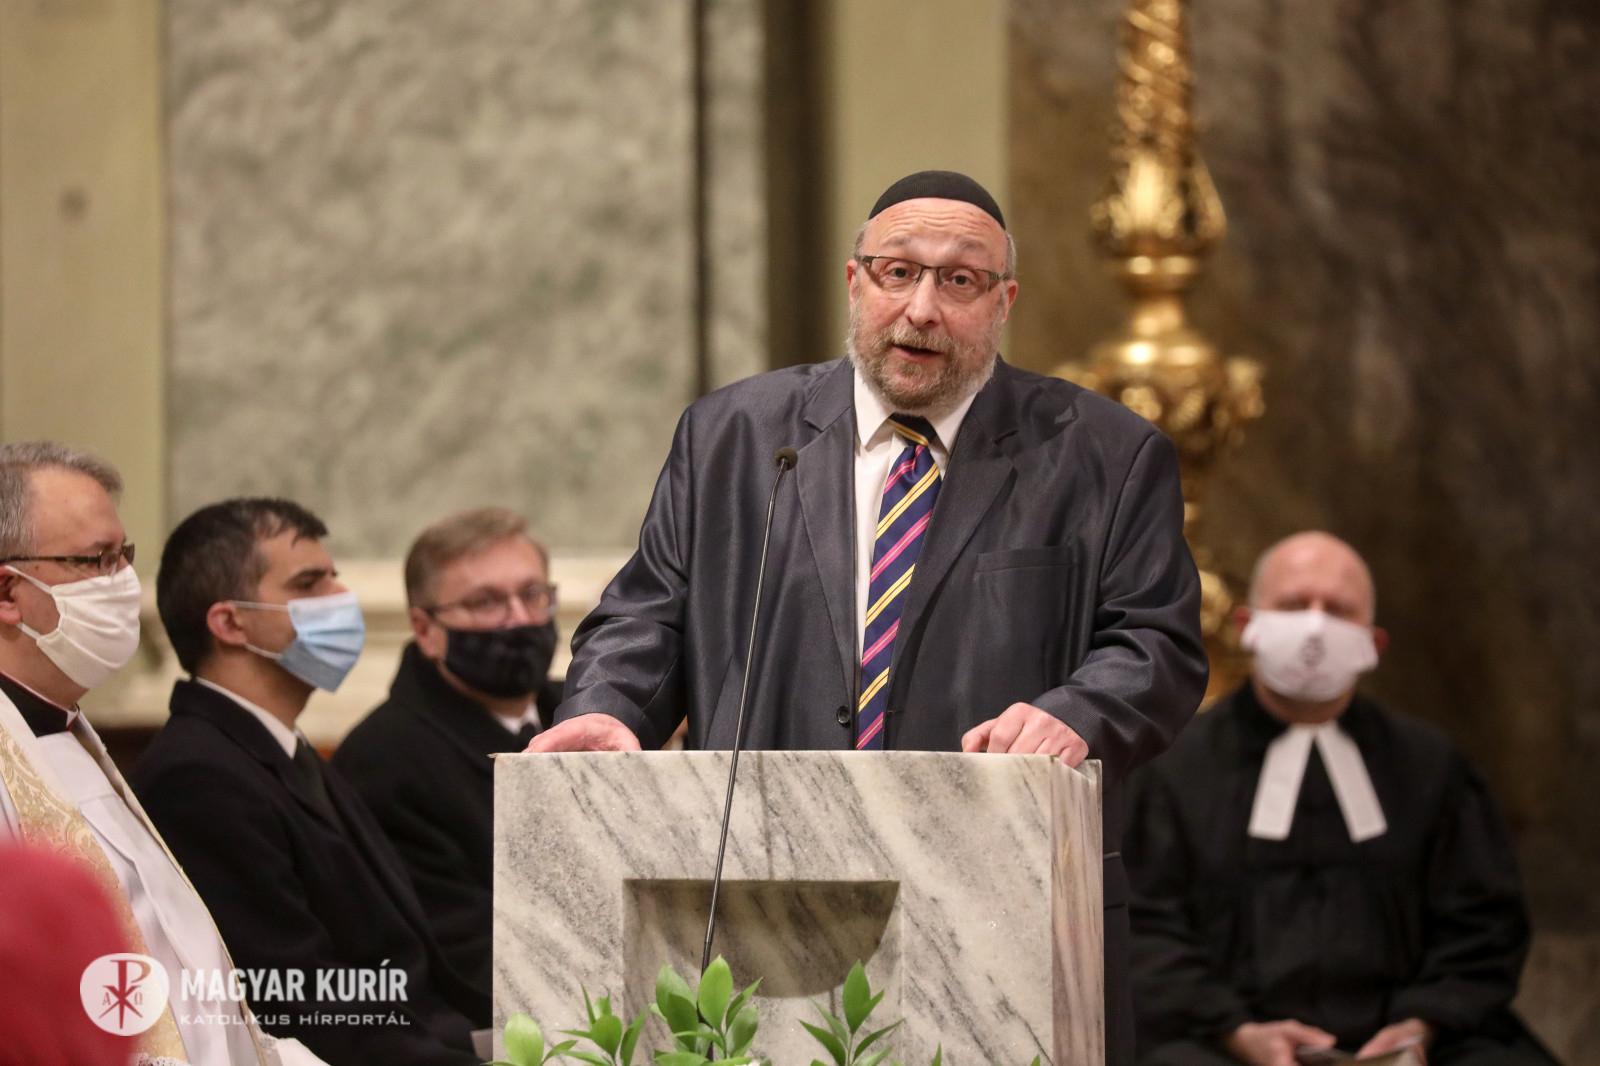 Isten történelmi hivatást bízott ránk – Ilyen volt a keresztény–zsidó imaóra Budapesten